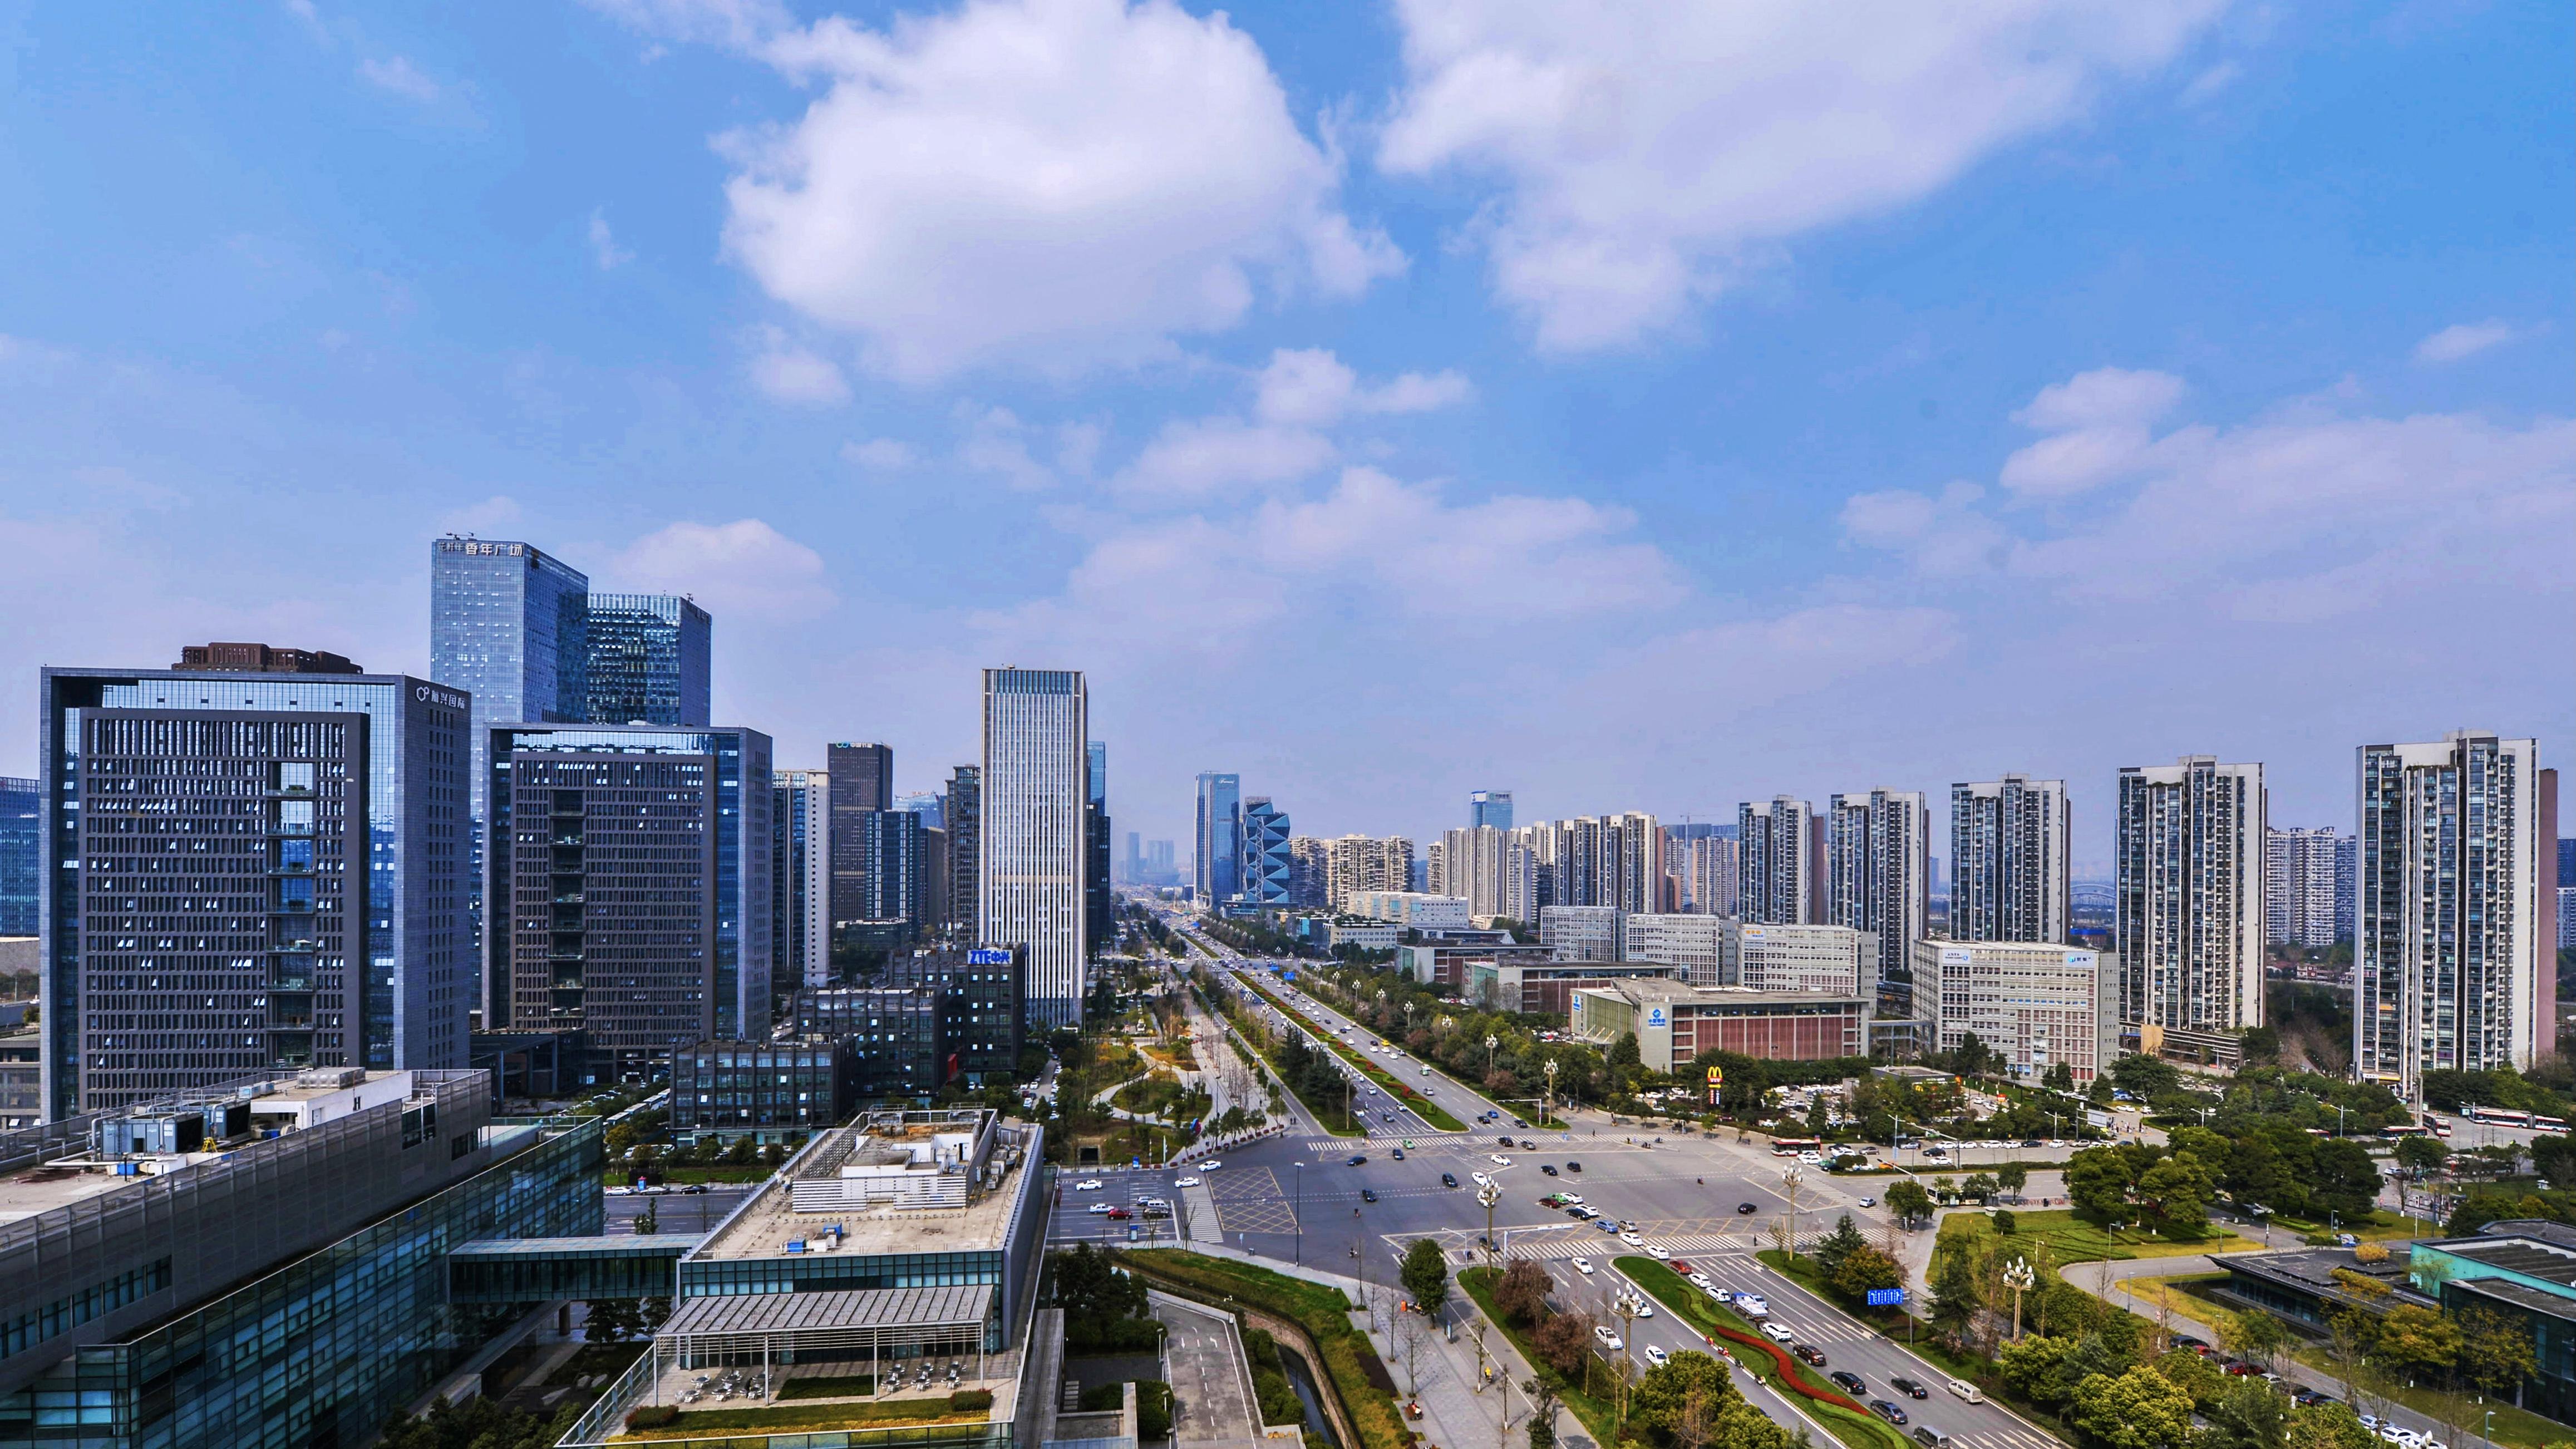 以科技创新支撑引领现代产业体系 成都开启创新型城市发展新征程